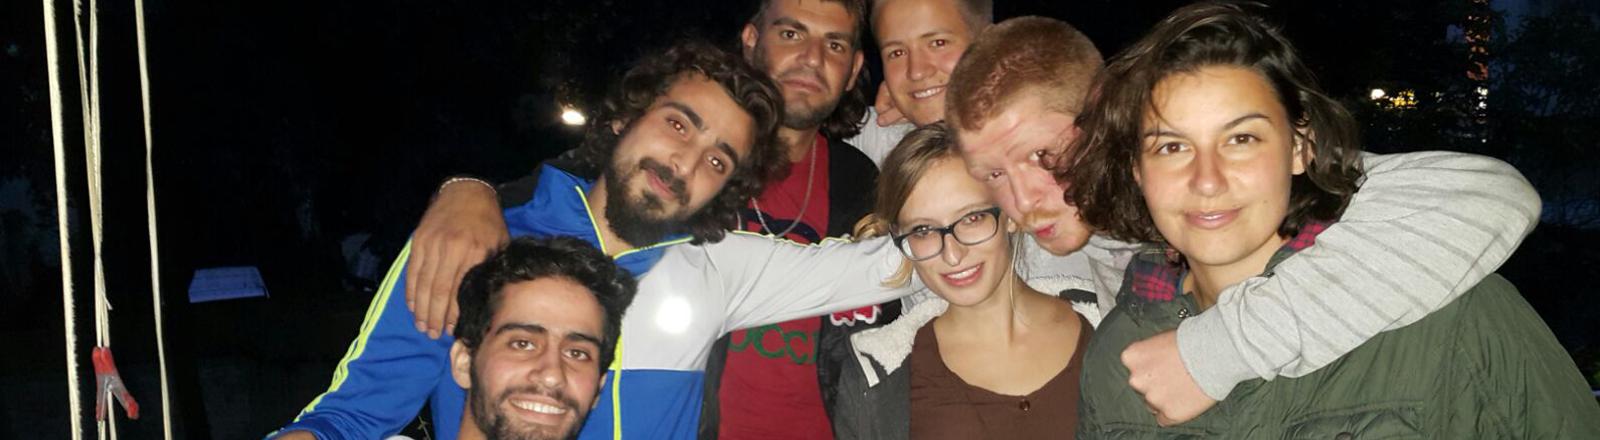 Ahmad auf einem Gruppenbild mit seinen neuen Freunden.